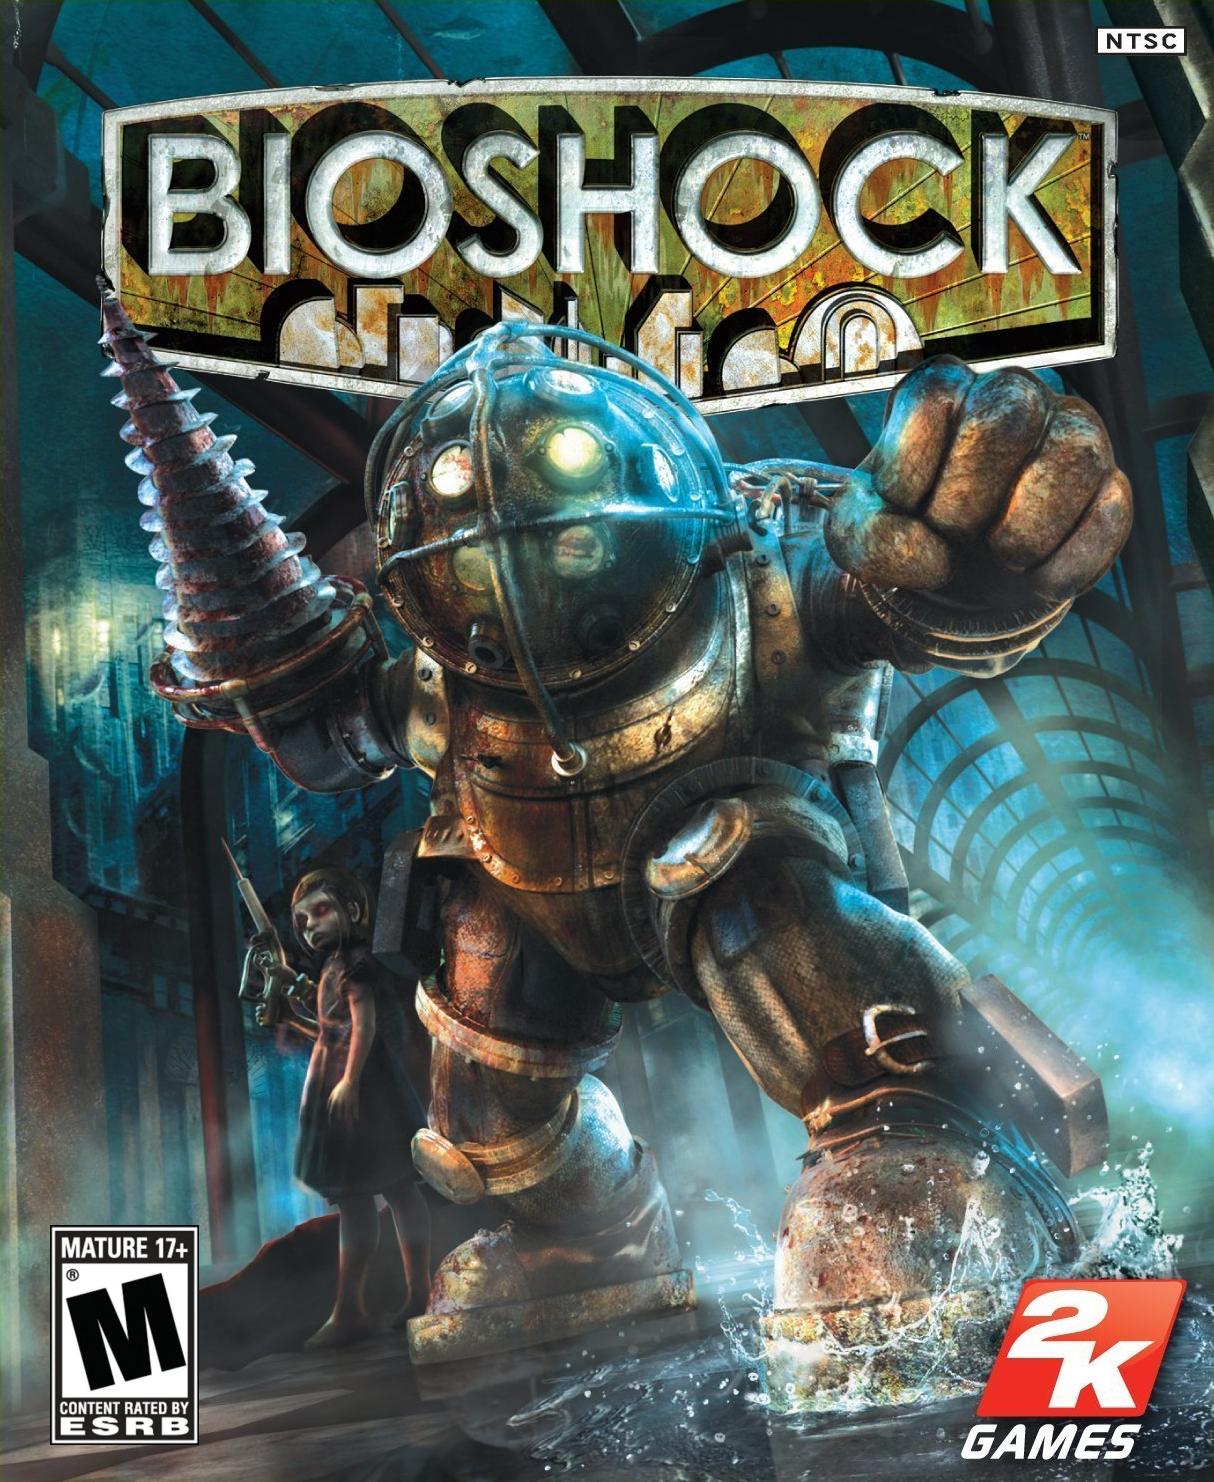 BioShock box.png